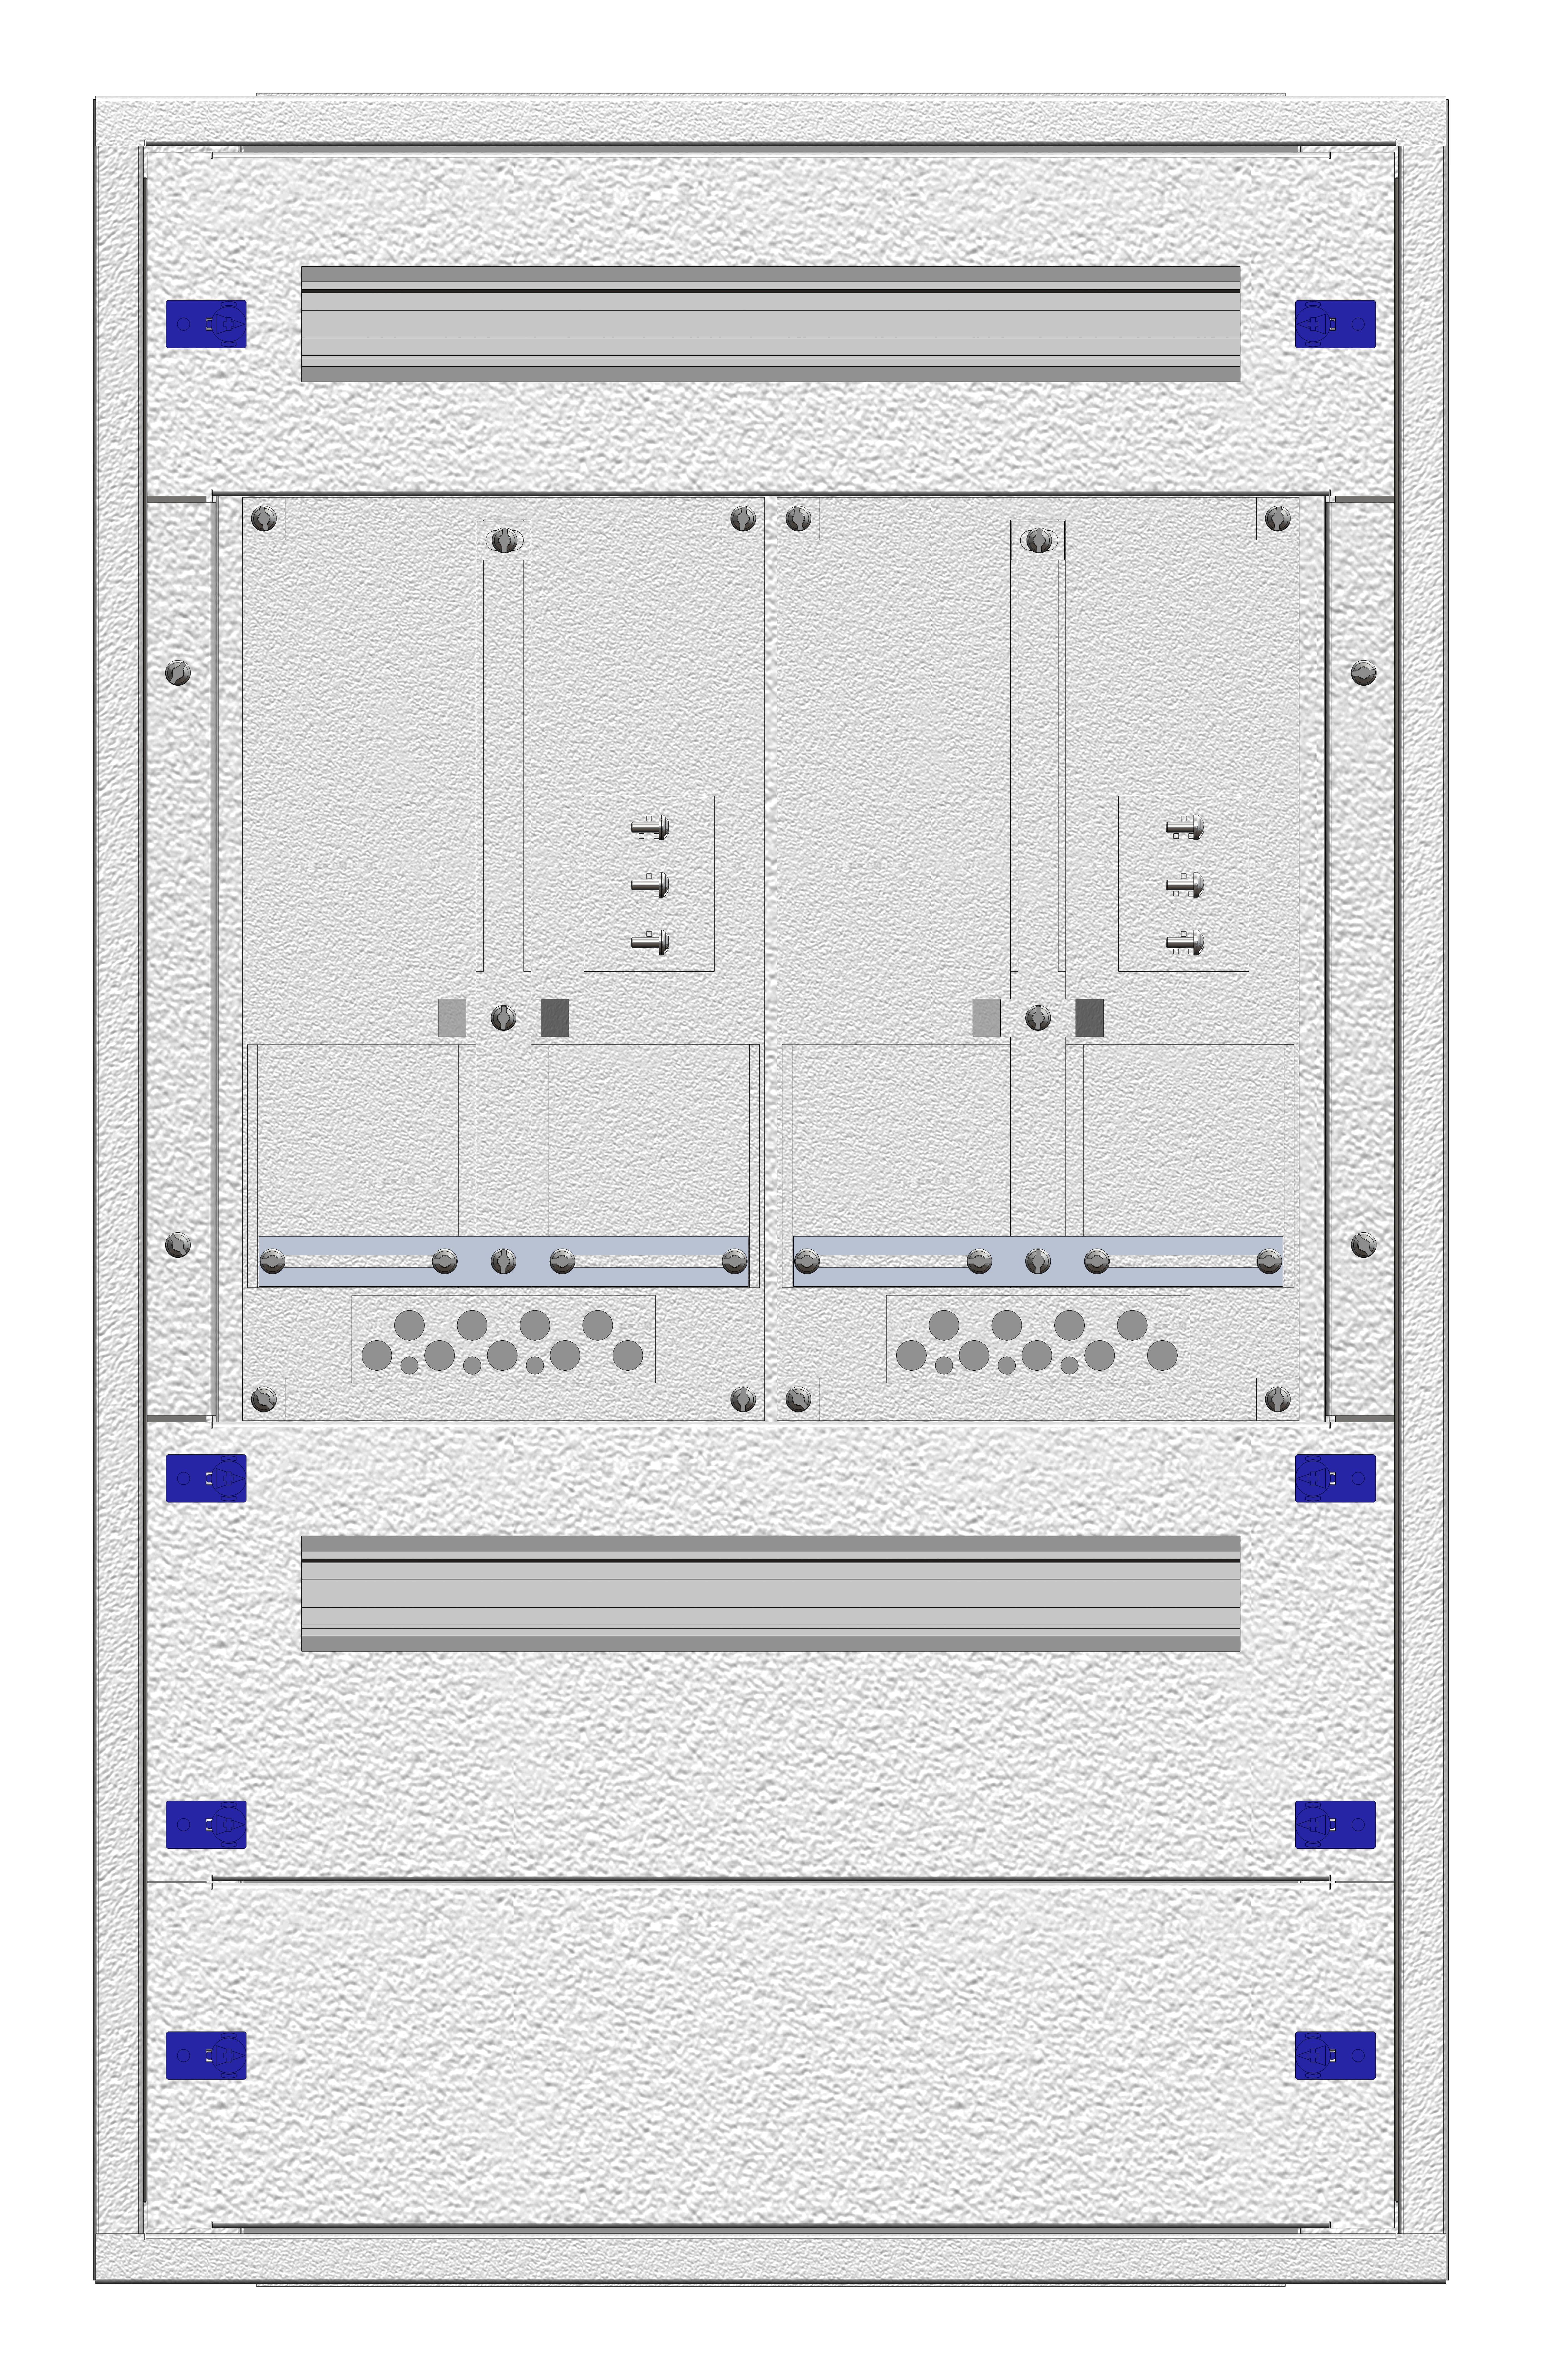 1 Stk Zählerverteiler Einsatz 2-18E, 2 Zählerplätze, Wien IL144218--